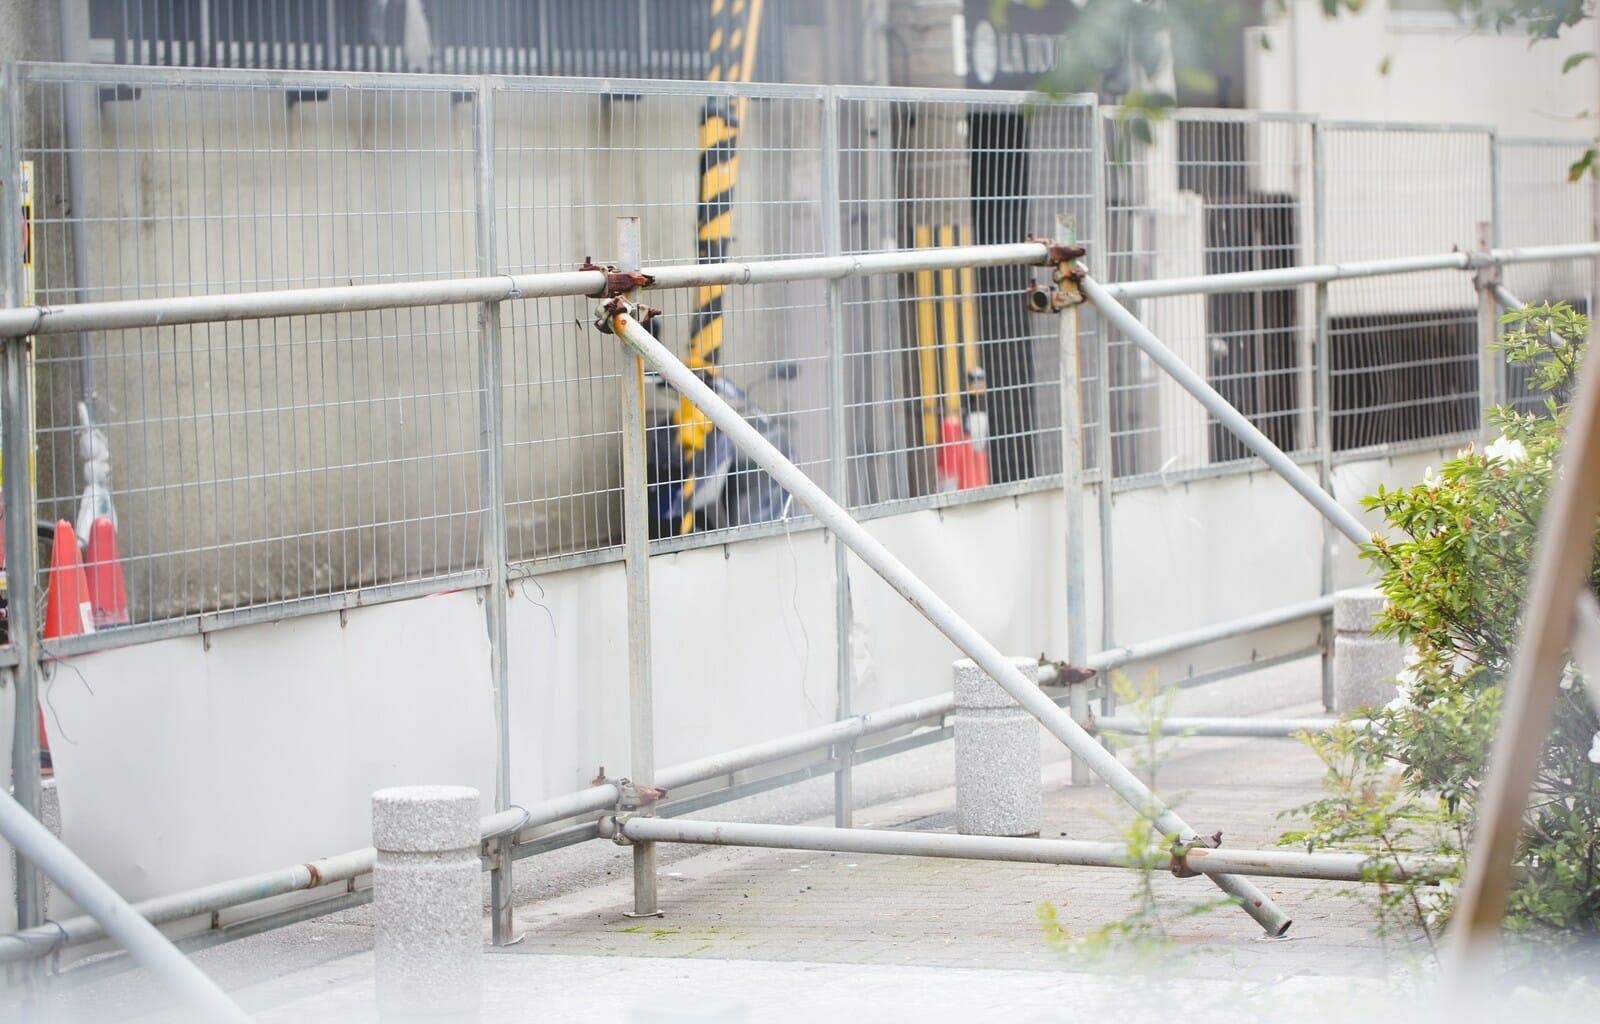 補助金・助成金を受けて耐震改修工事を行う場合の注意点